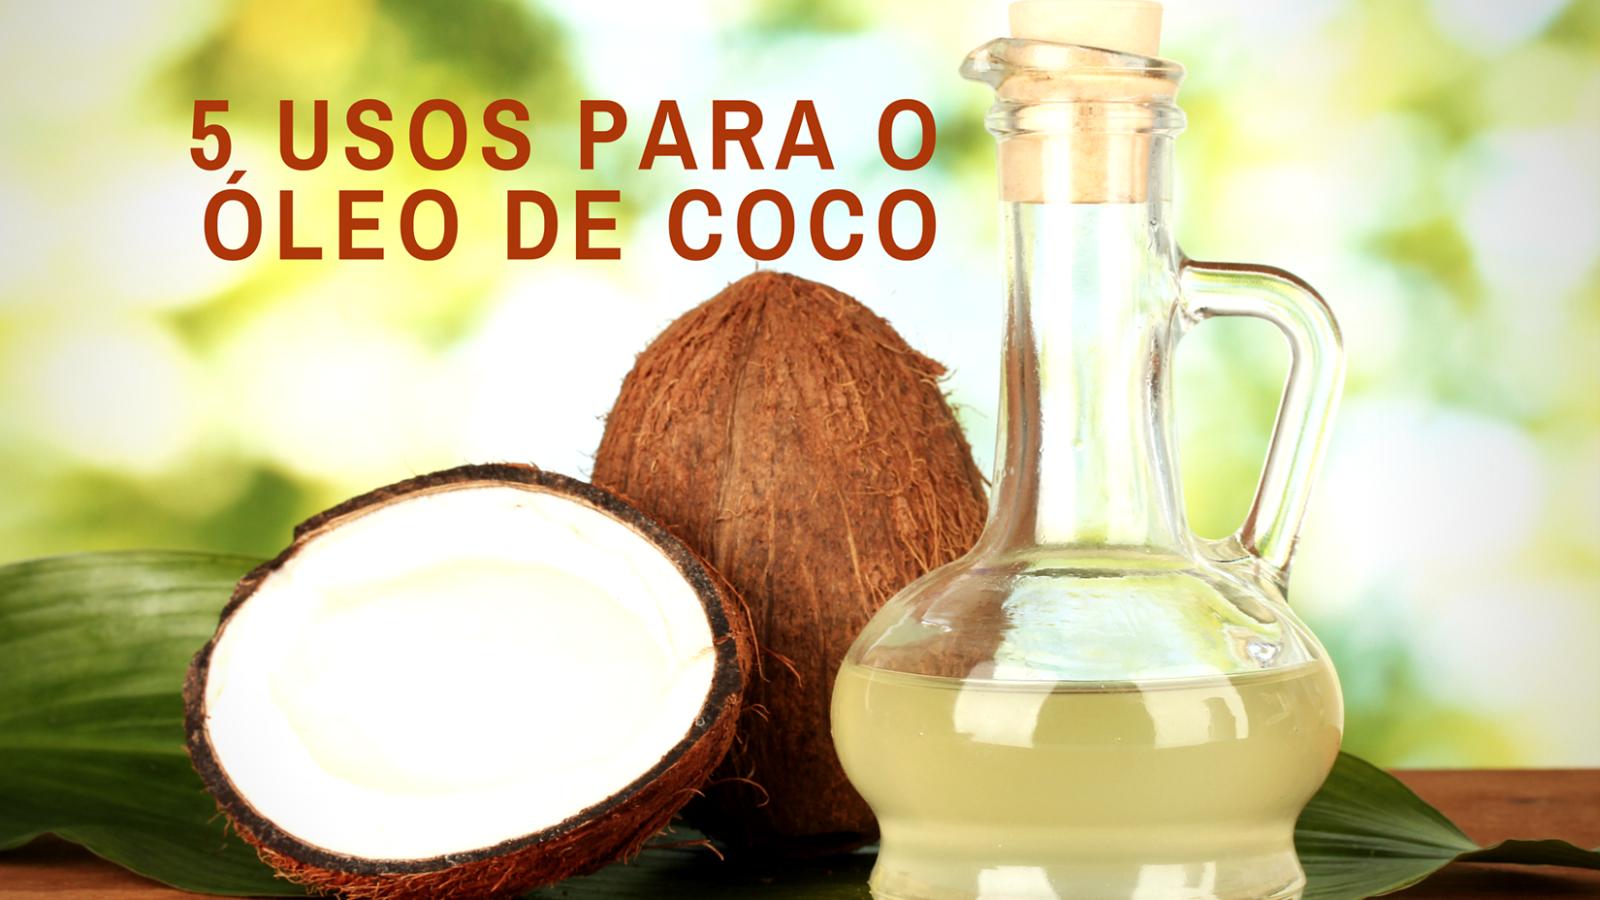 5 usos para o óleo de coco